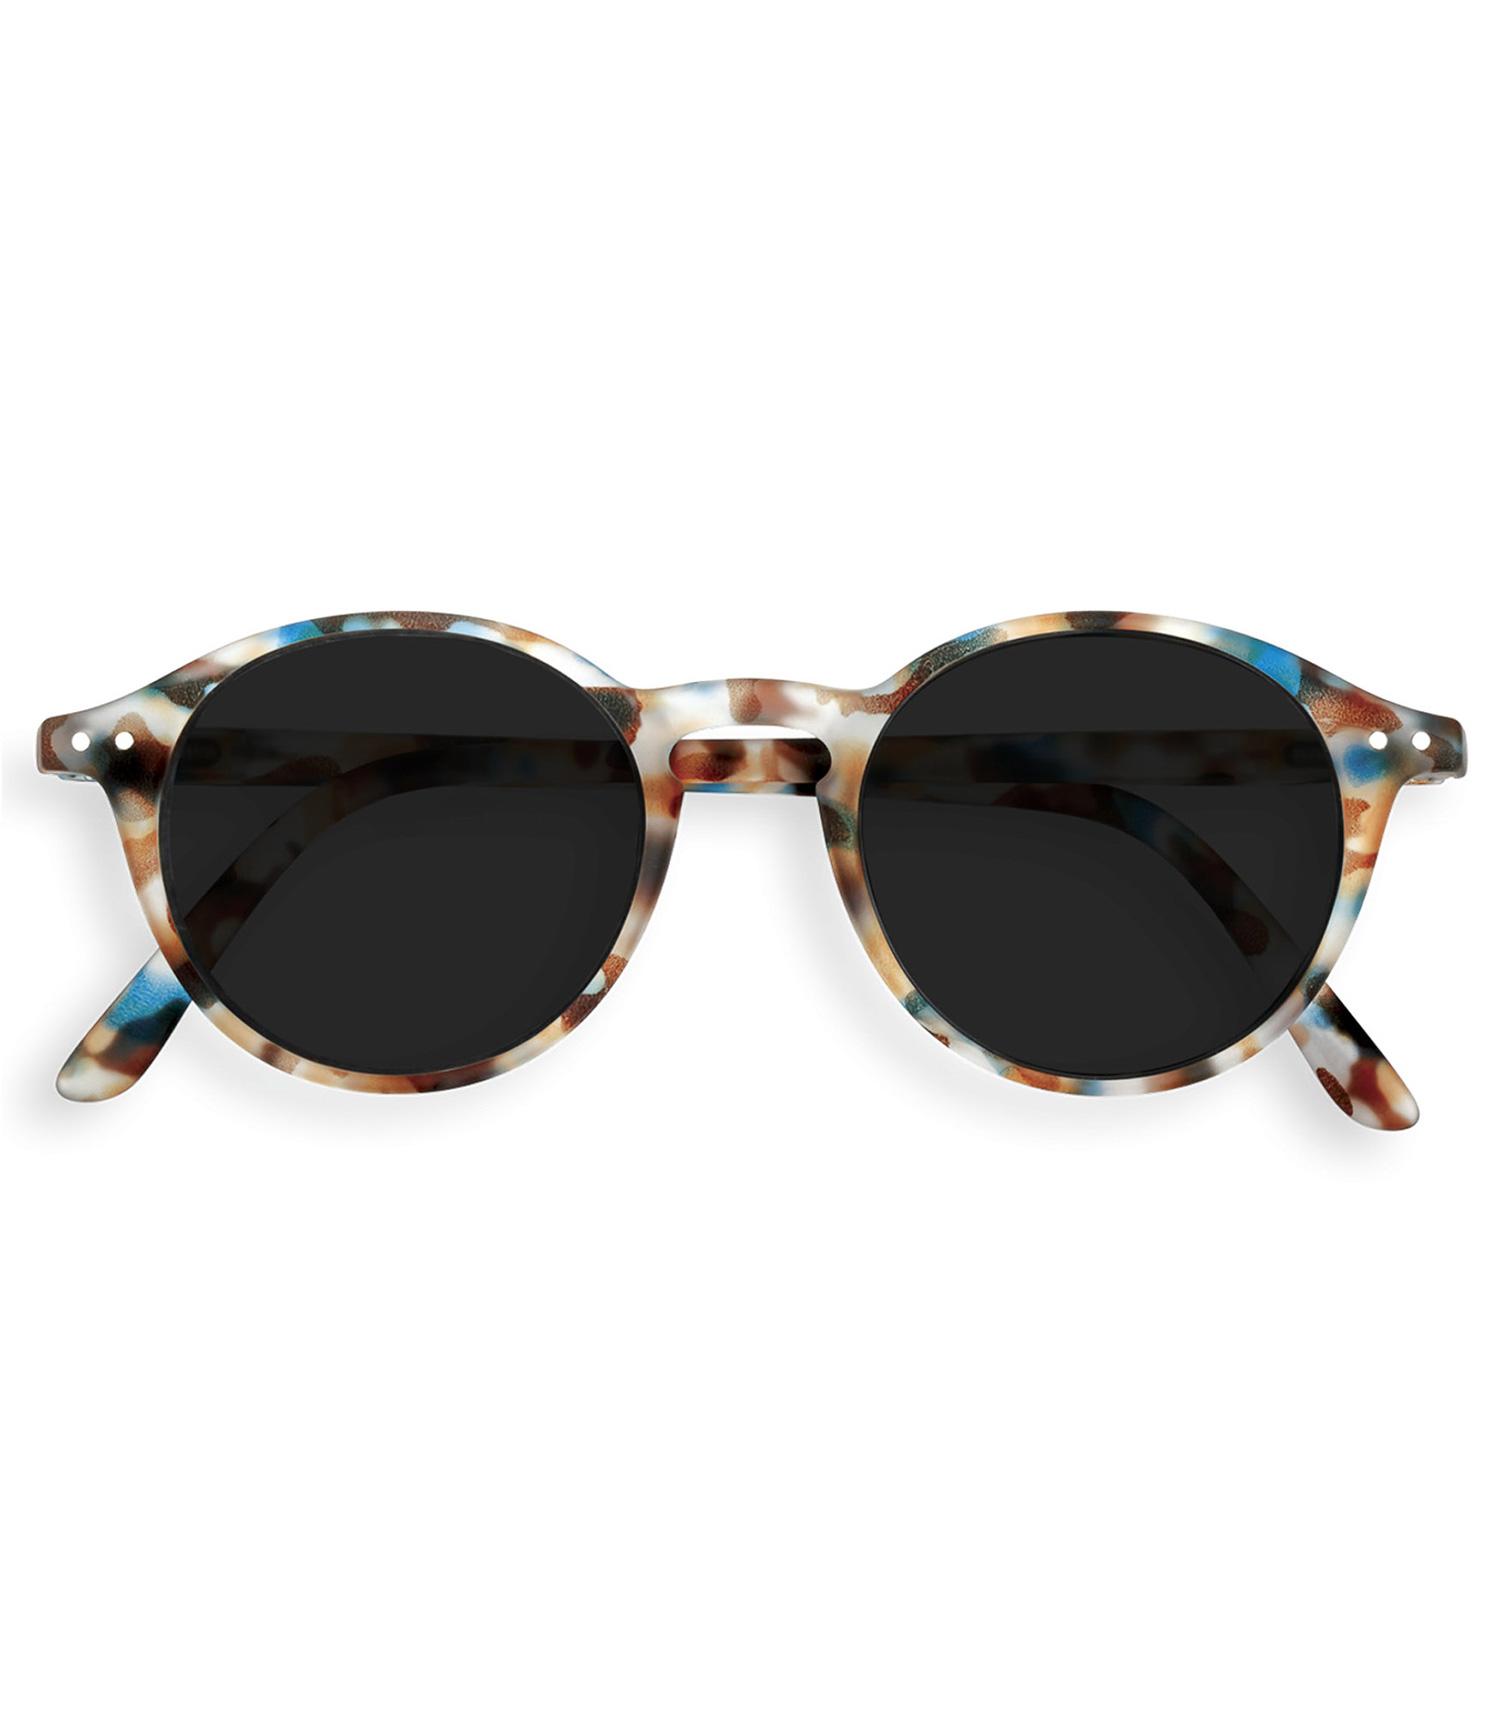 meilleur site web 9f050 cad2f Lunettes de soleil #D Blue tortoise soft grey lenses IZIPIZI - Jane de Boy